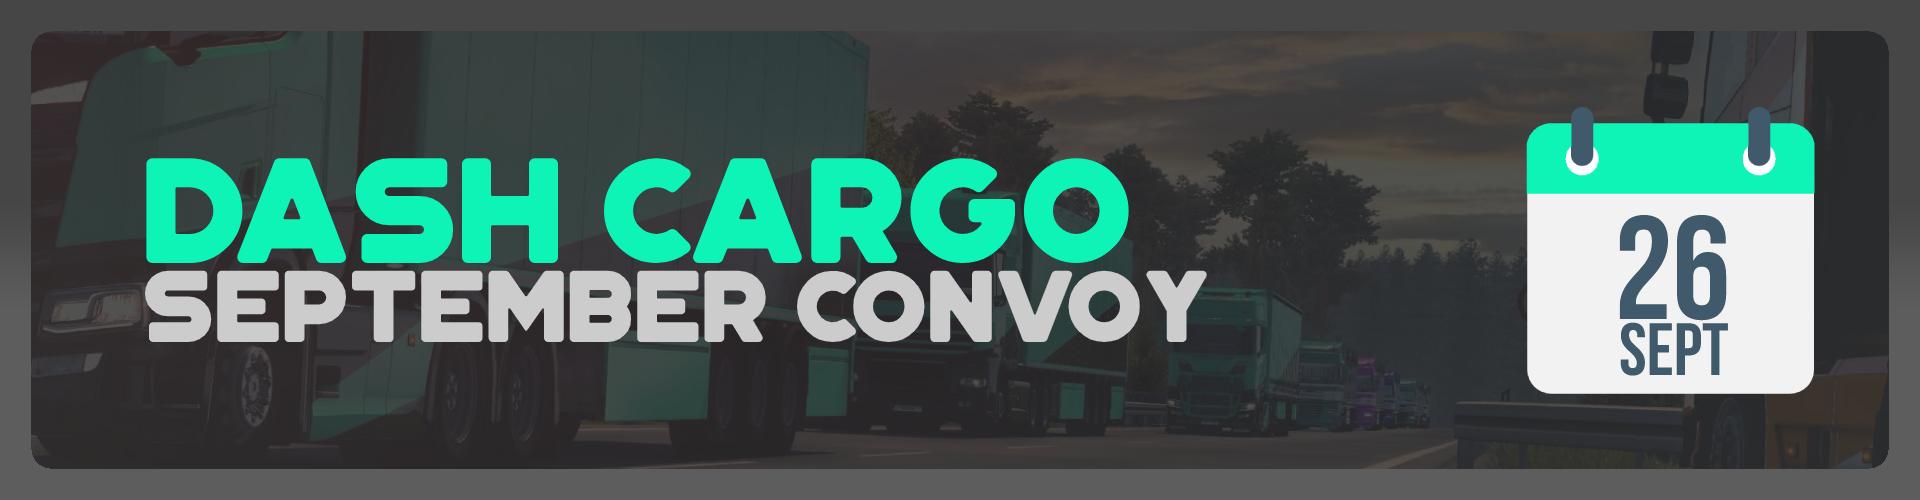 Dash Cargo | September Convoy